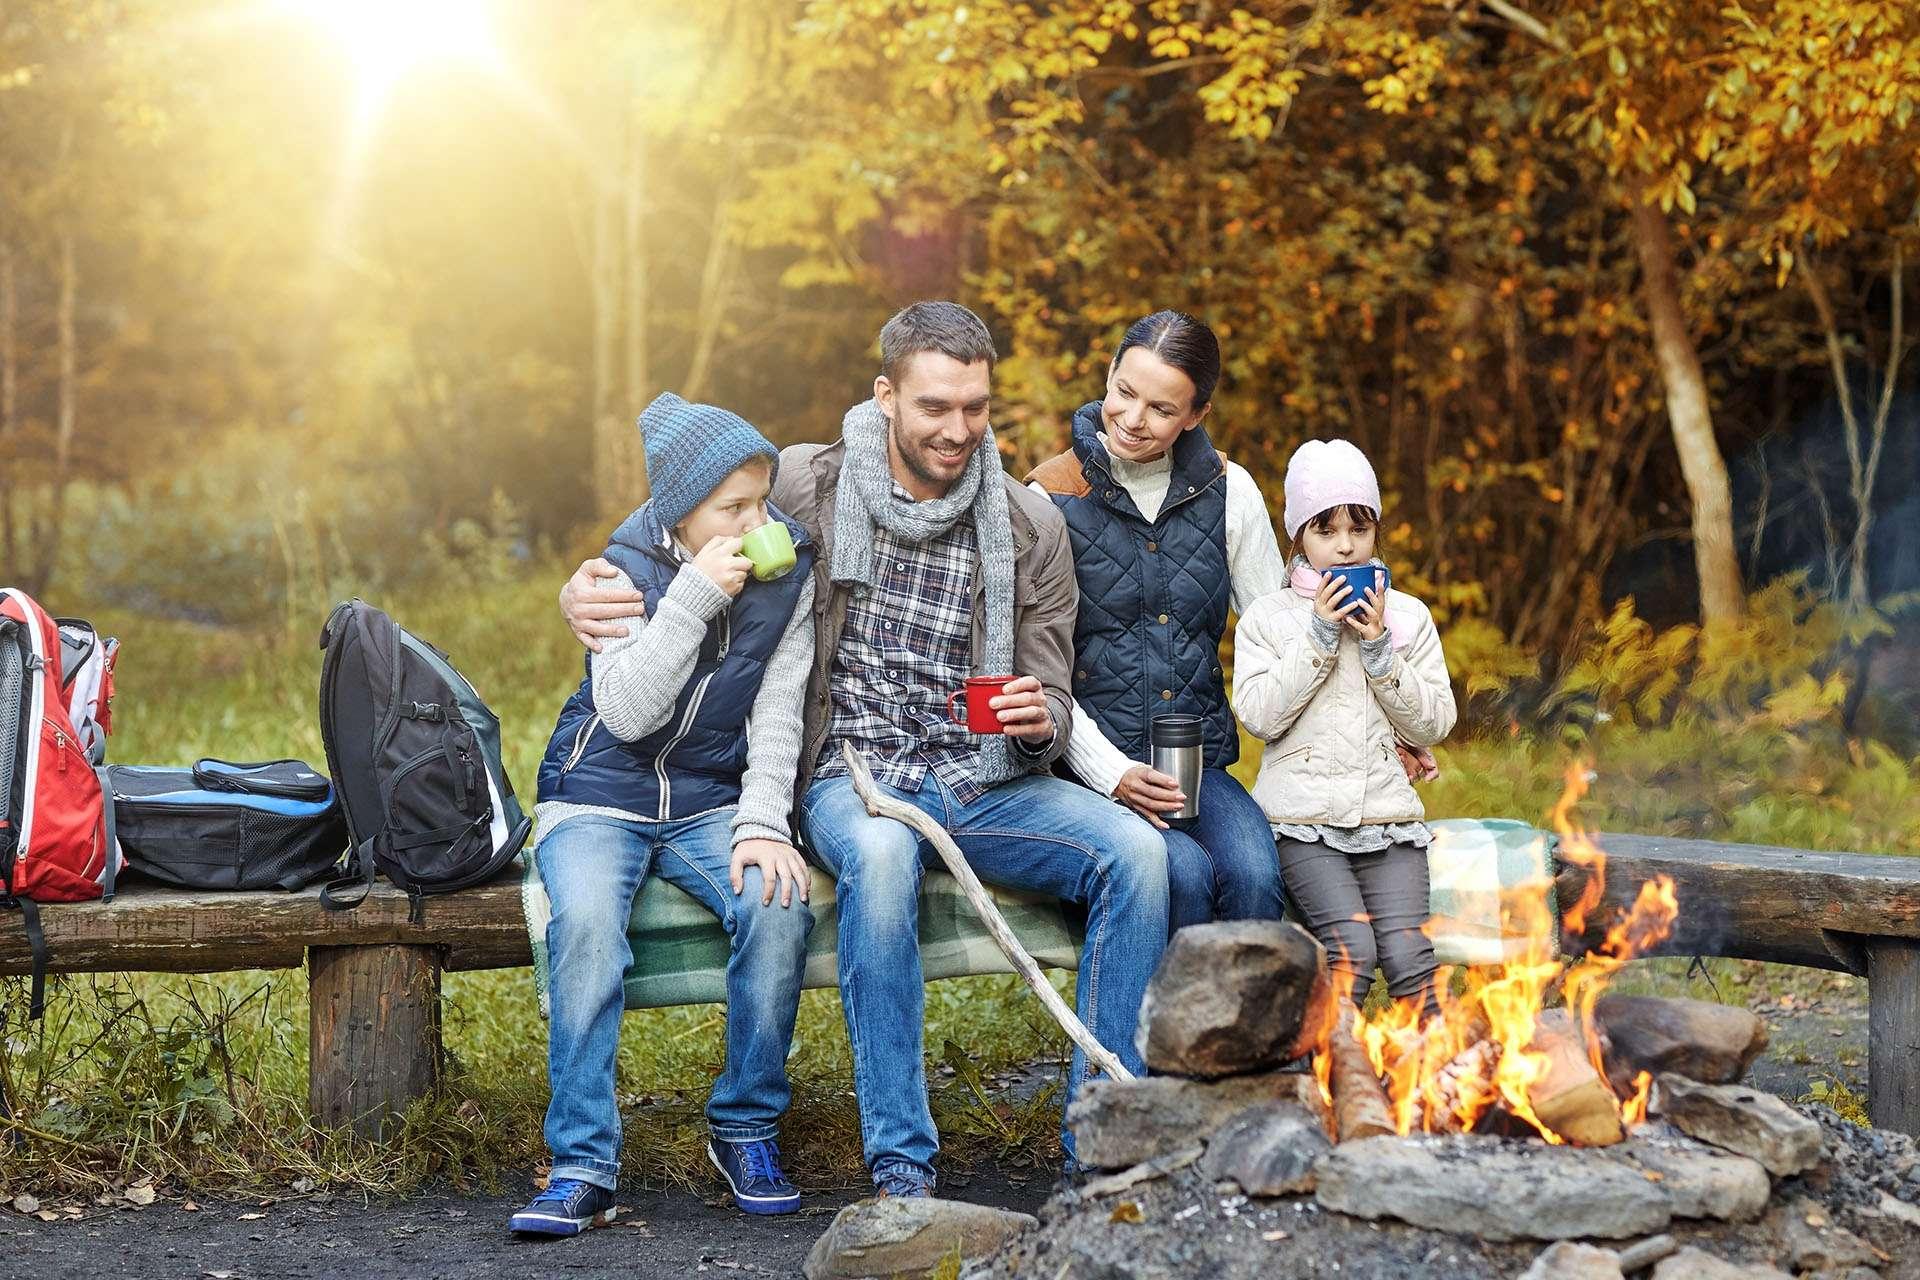 Bild einer Familie beim Camping an einem Lagerfeuer.